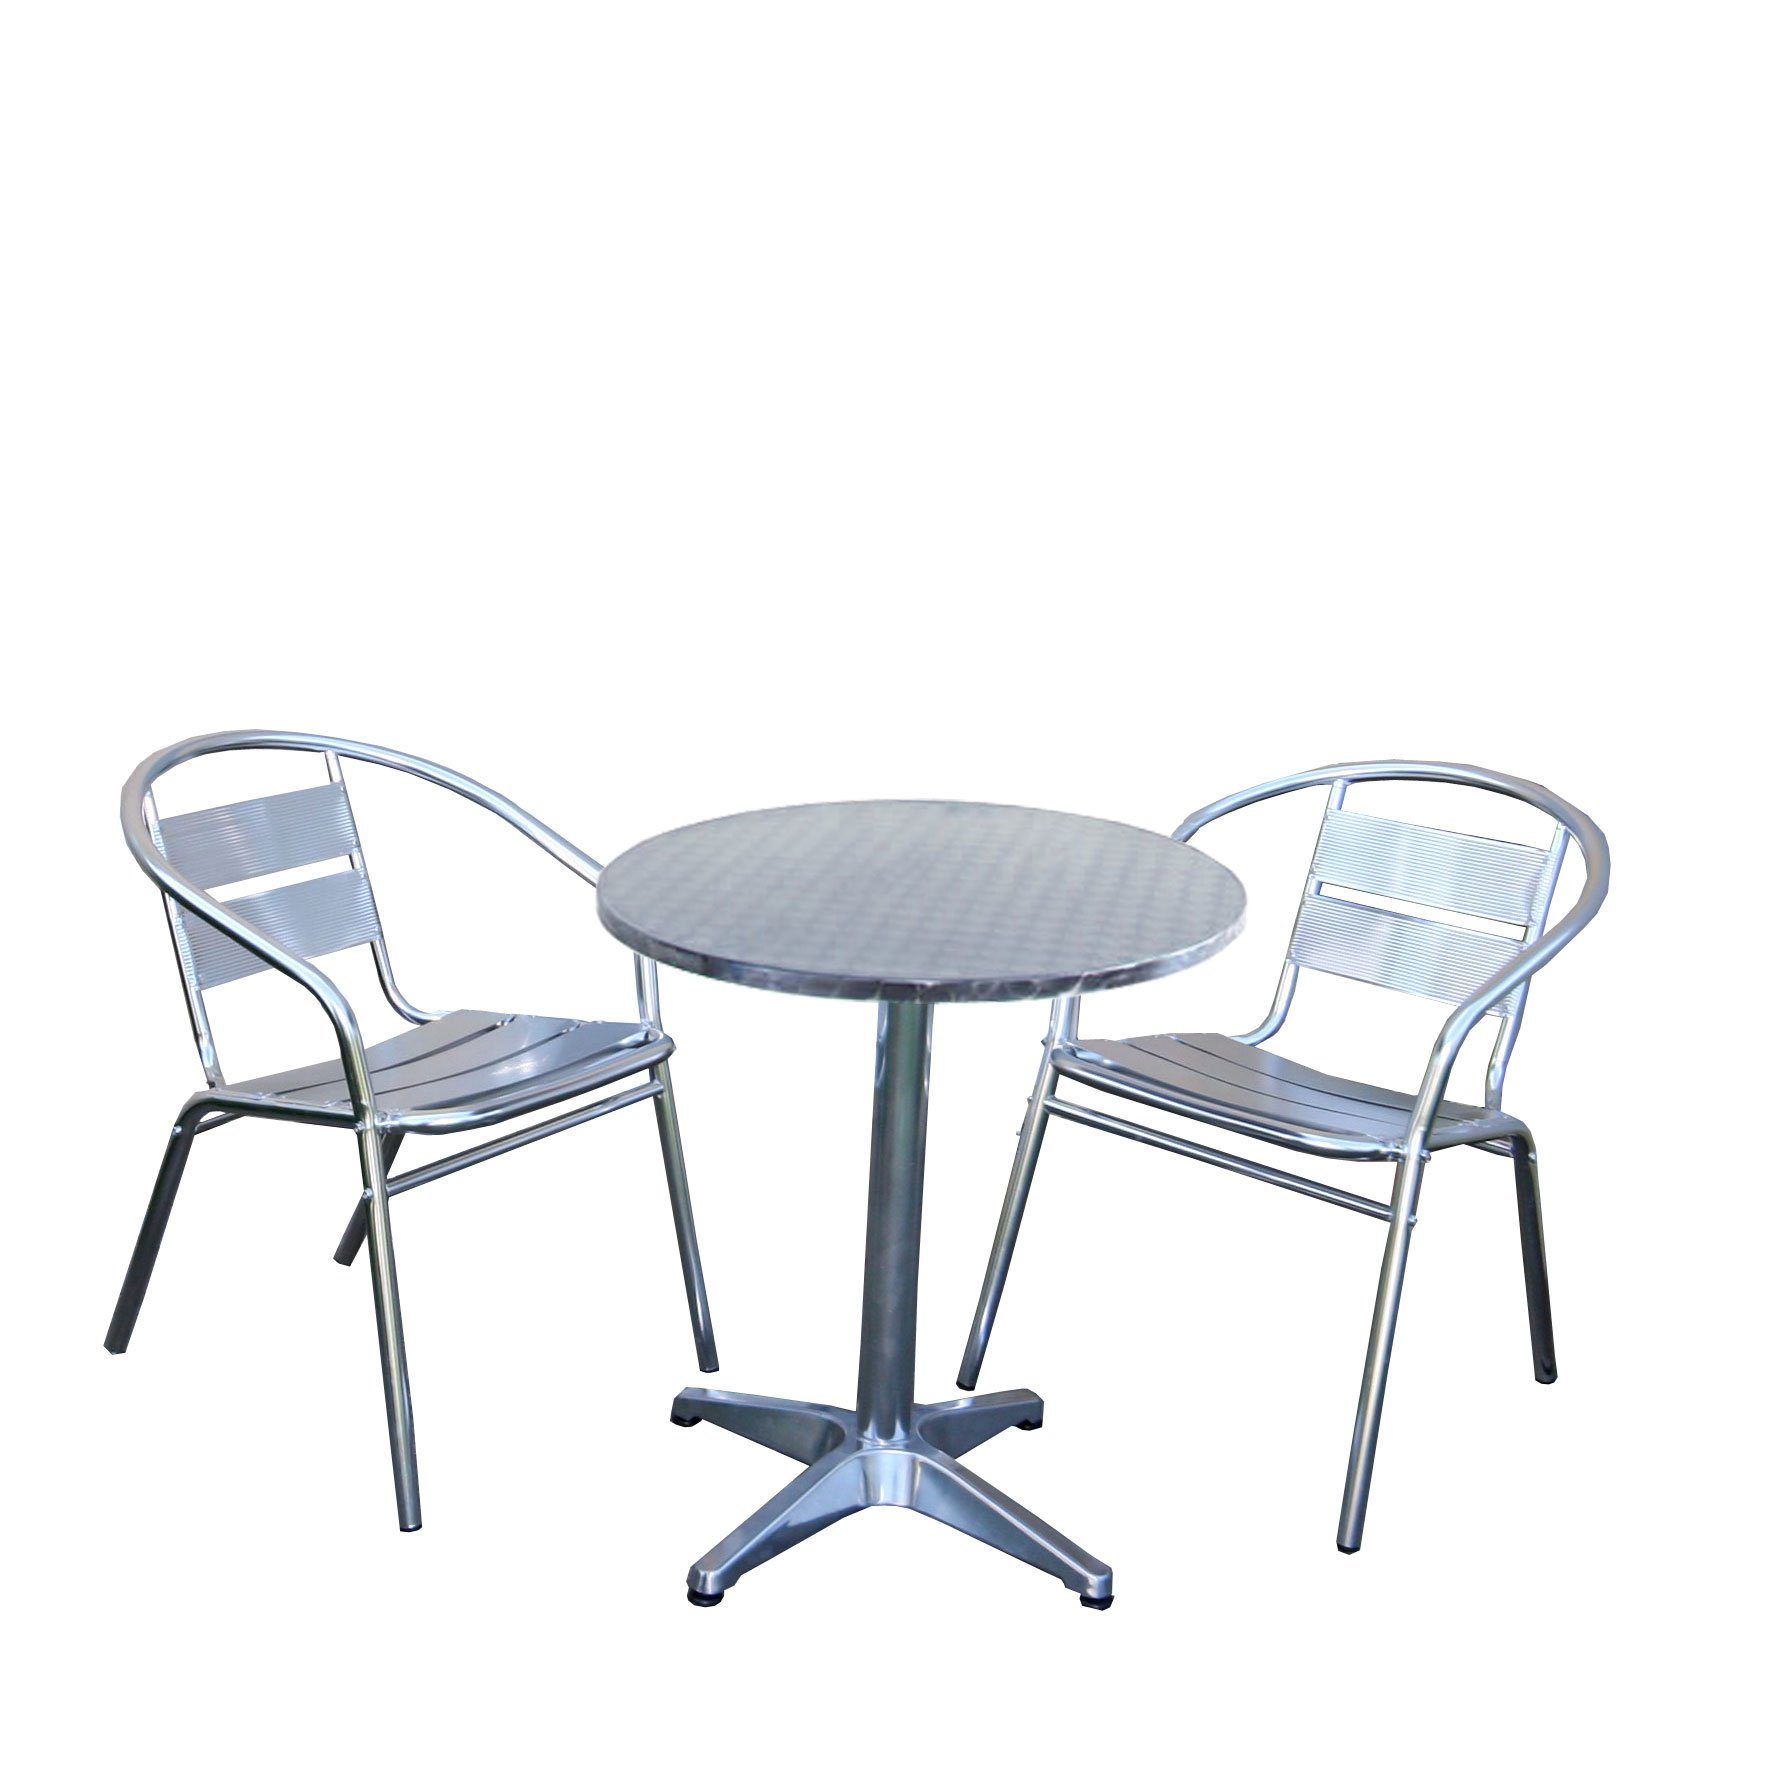 Conjunto de jard n apilable mesa 2 sillas en aluminio for Muebles jardin aluminio